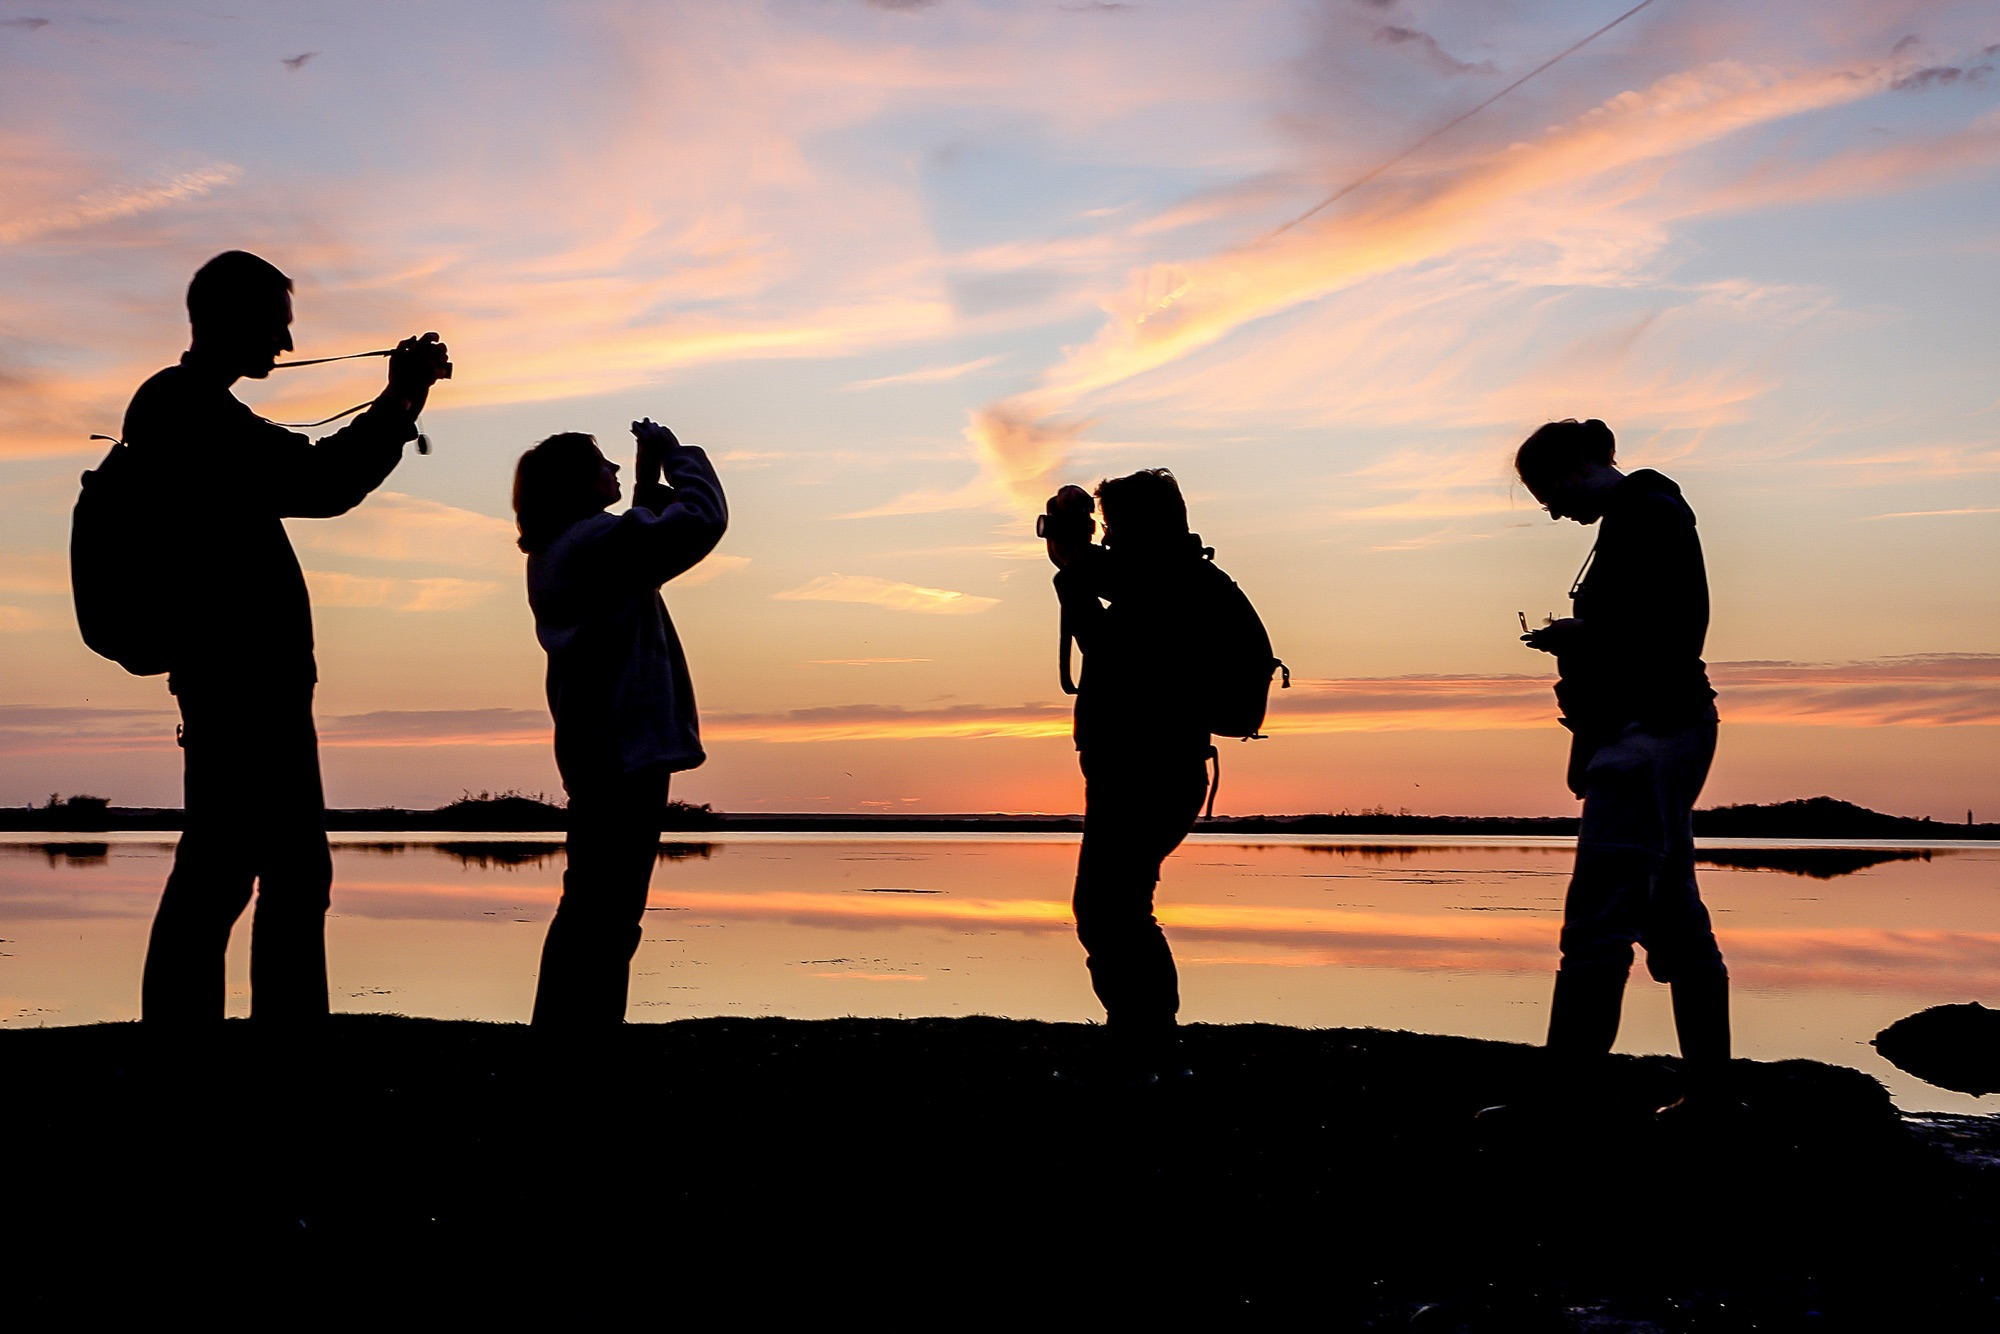 foto van silhouet van vier personen die in de avondzon bij het strand staan te fotograferen